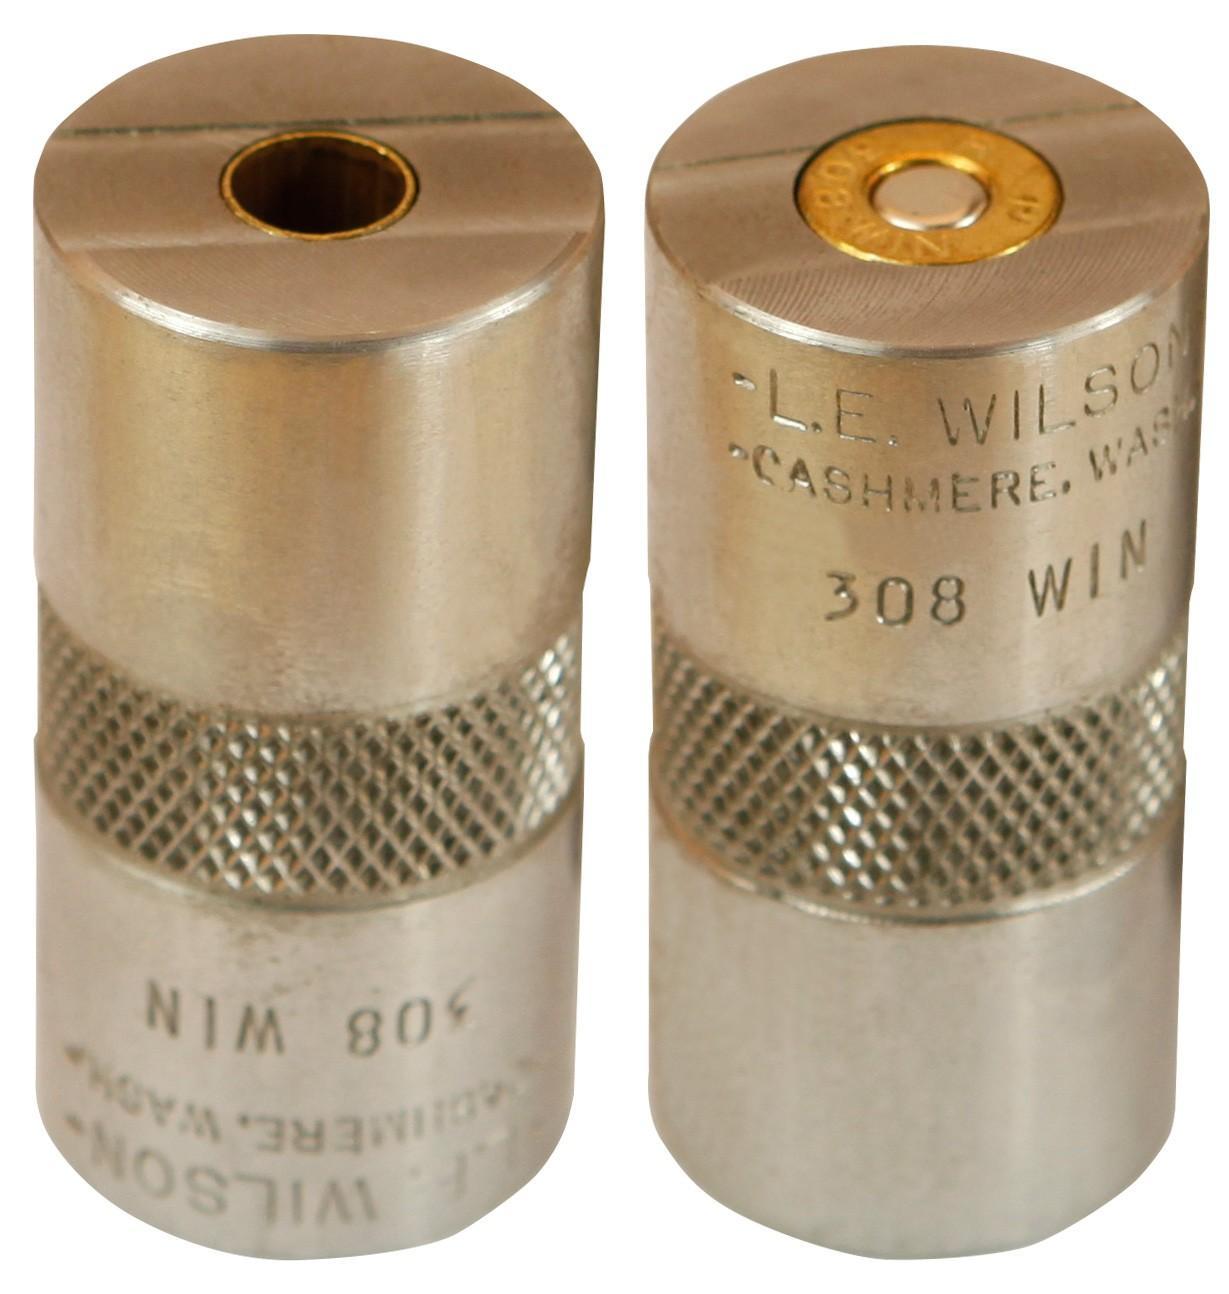 case l e s inc Le wilson, inc wilson q-type pistol case holders - ready to buy le wilson, inc wilson q-type pistol case holders you'll find.